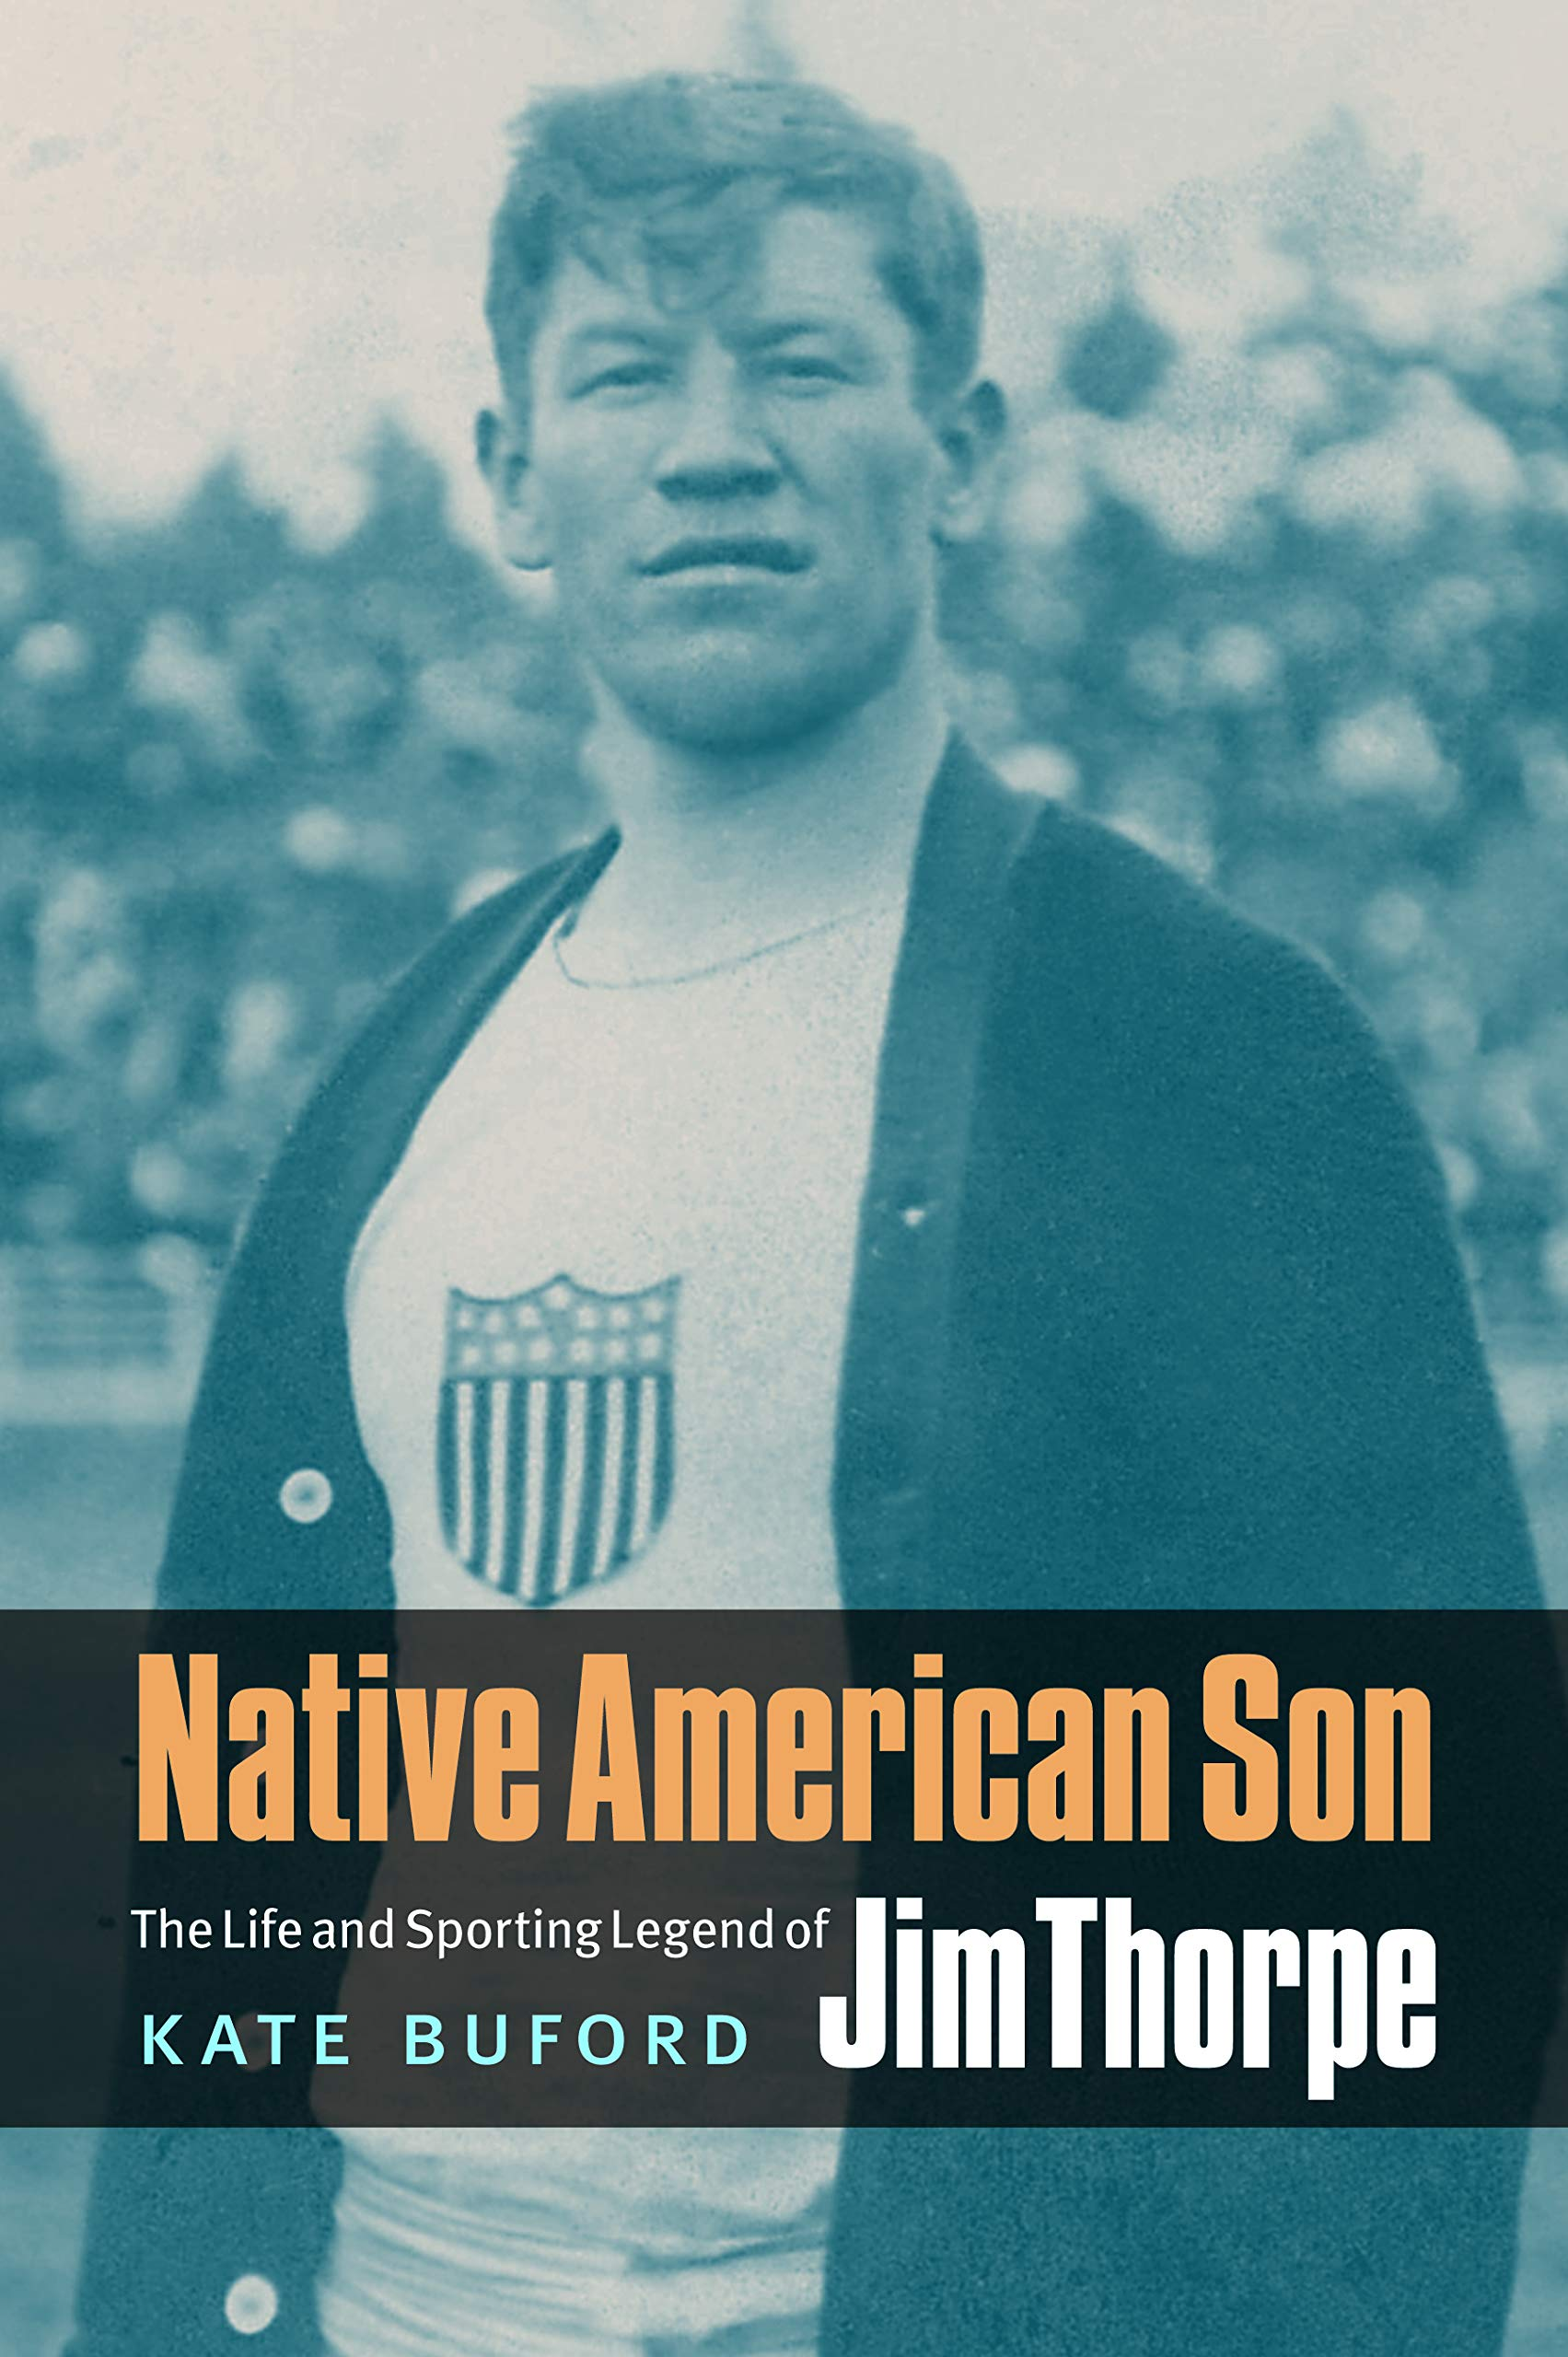 native american son cover